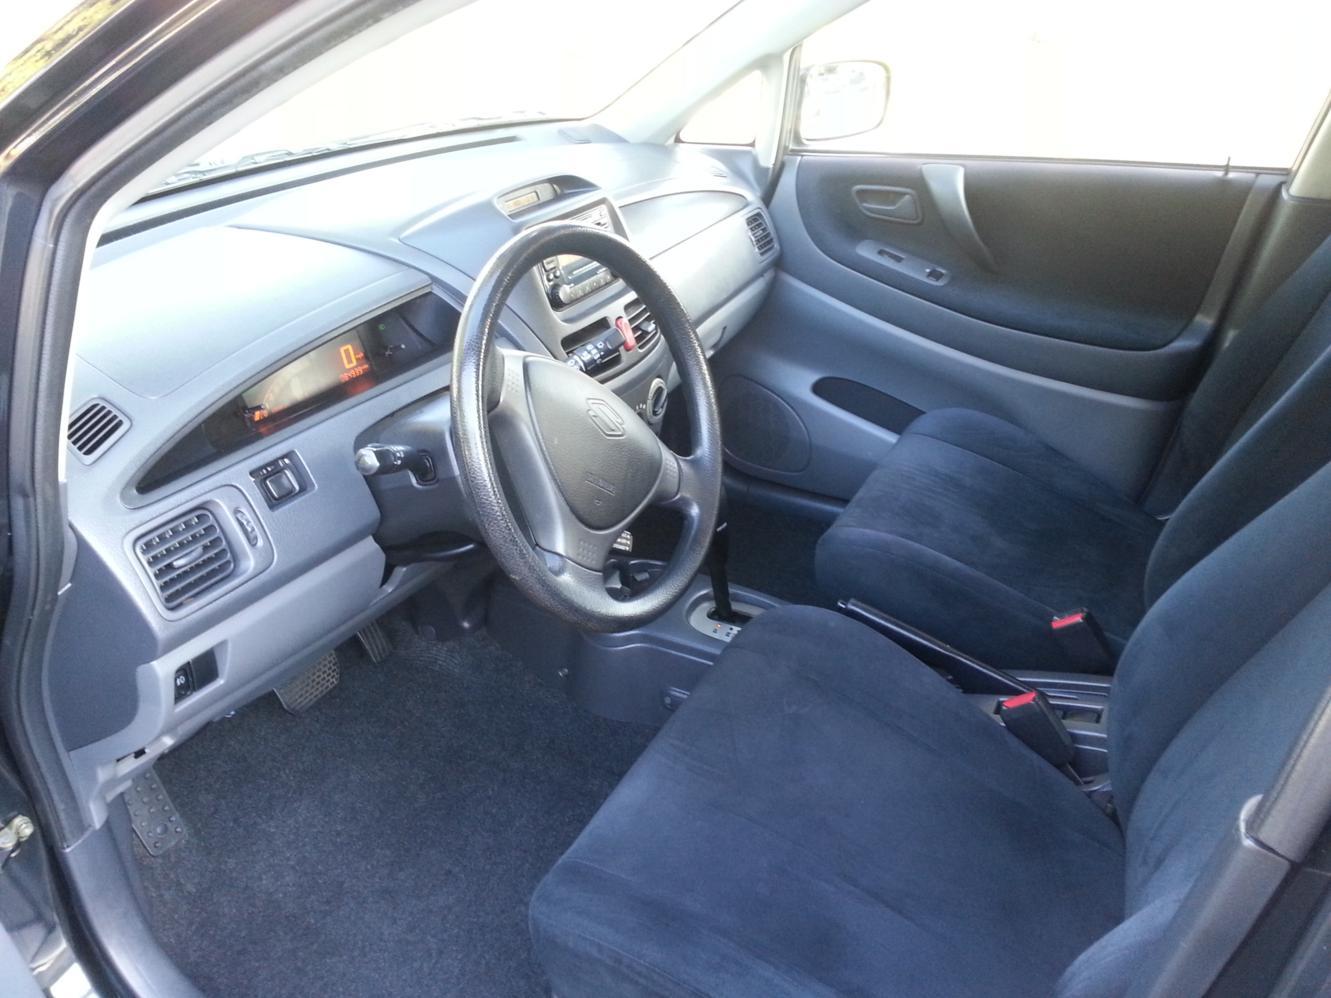 2003 Suzuki Aerio Image 4